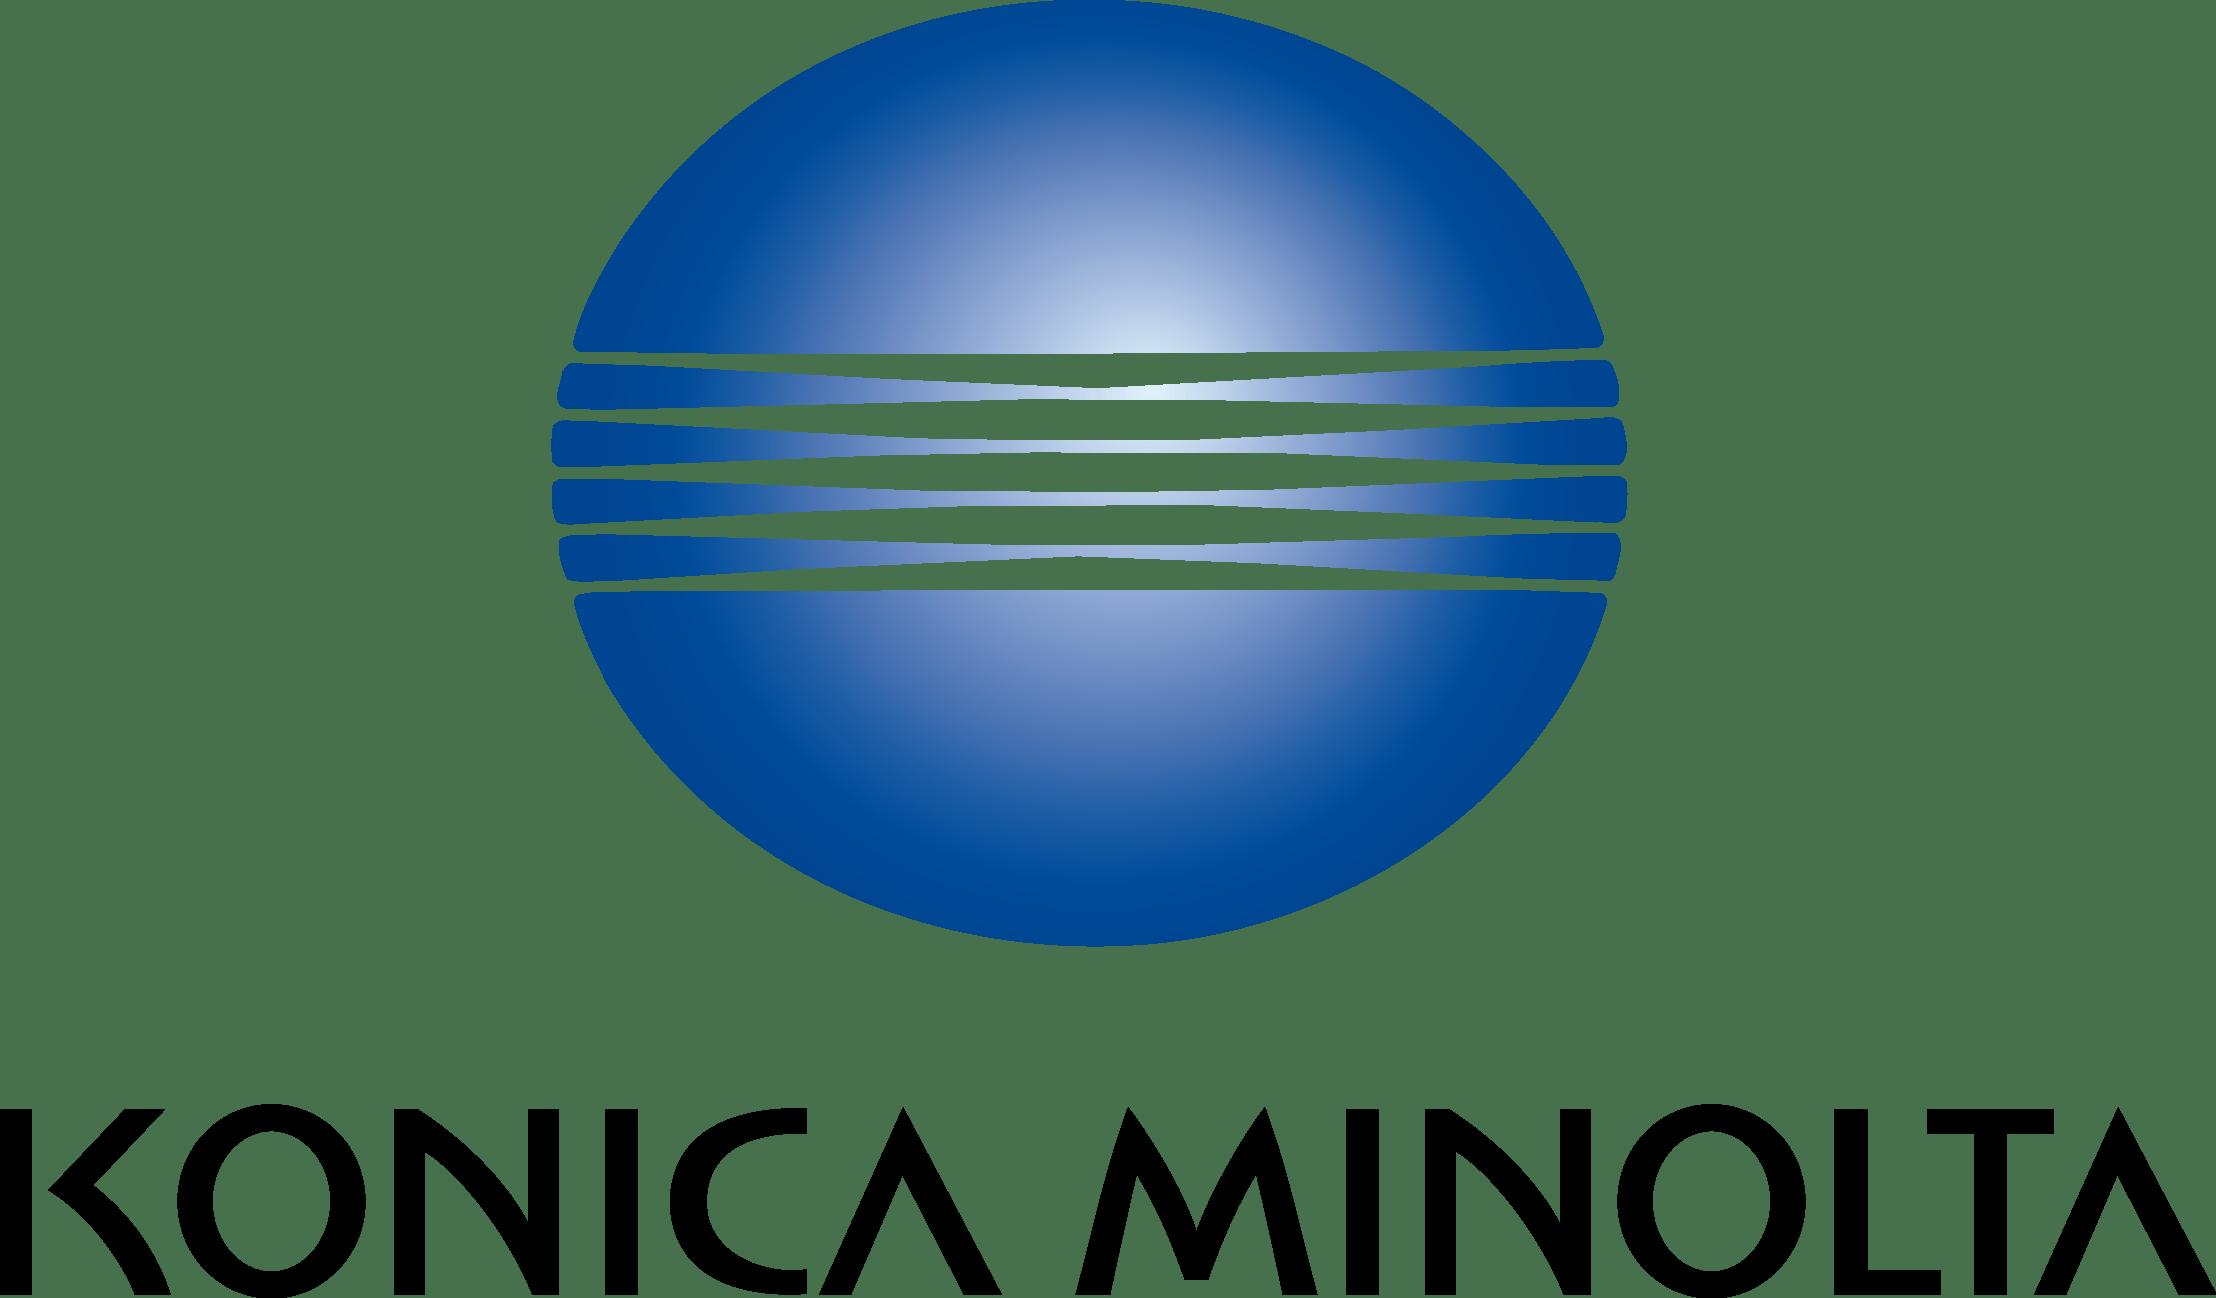 Konica Minolta Logo png